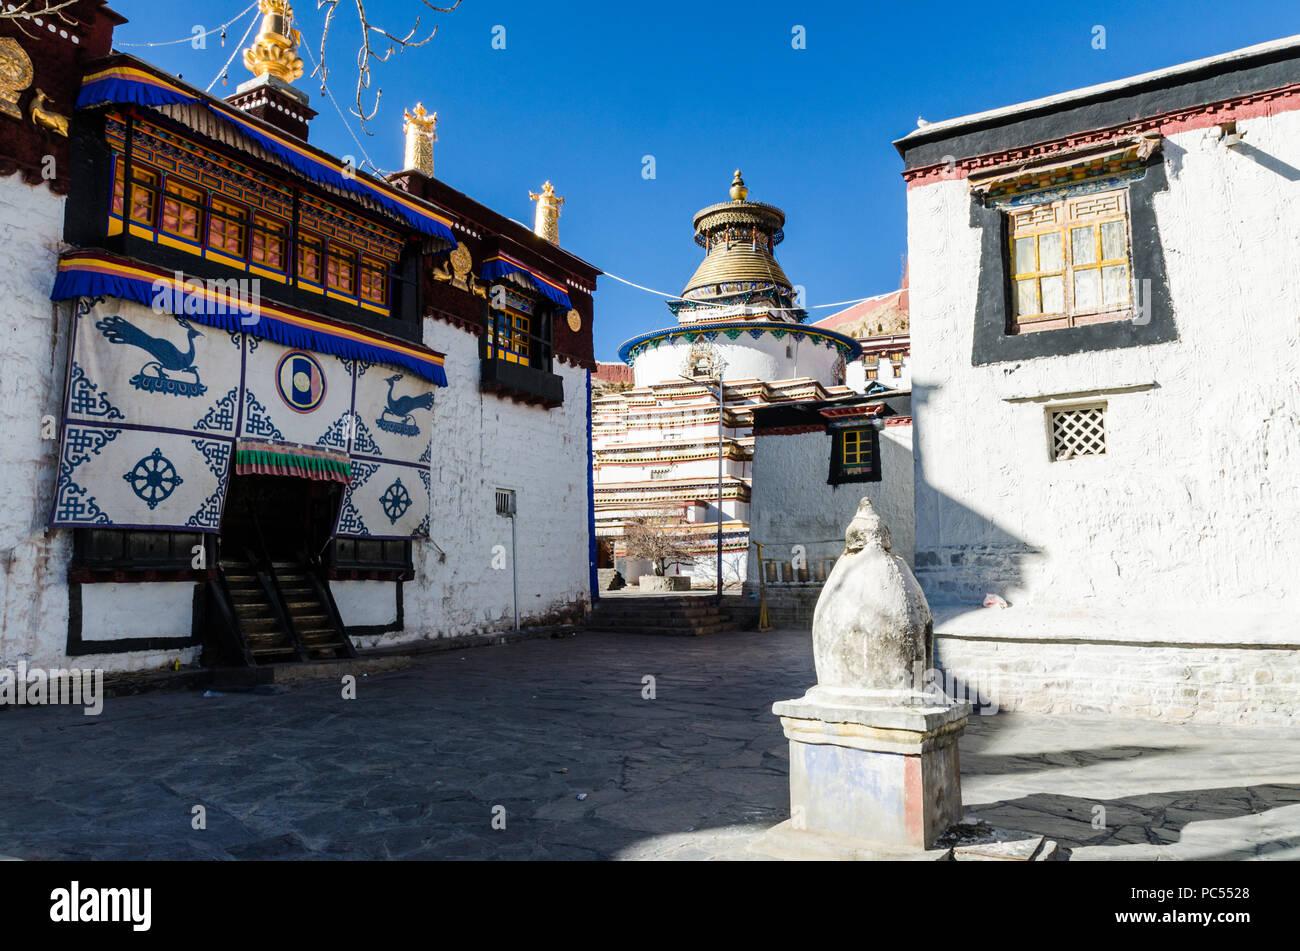 Gyantse Kumbum in Pelkor Chode or Palcho monastery, Gyantse, Tibet - Stock Image